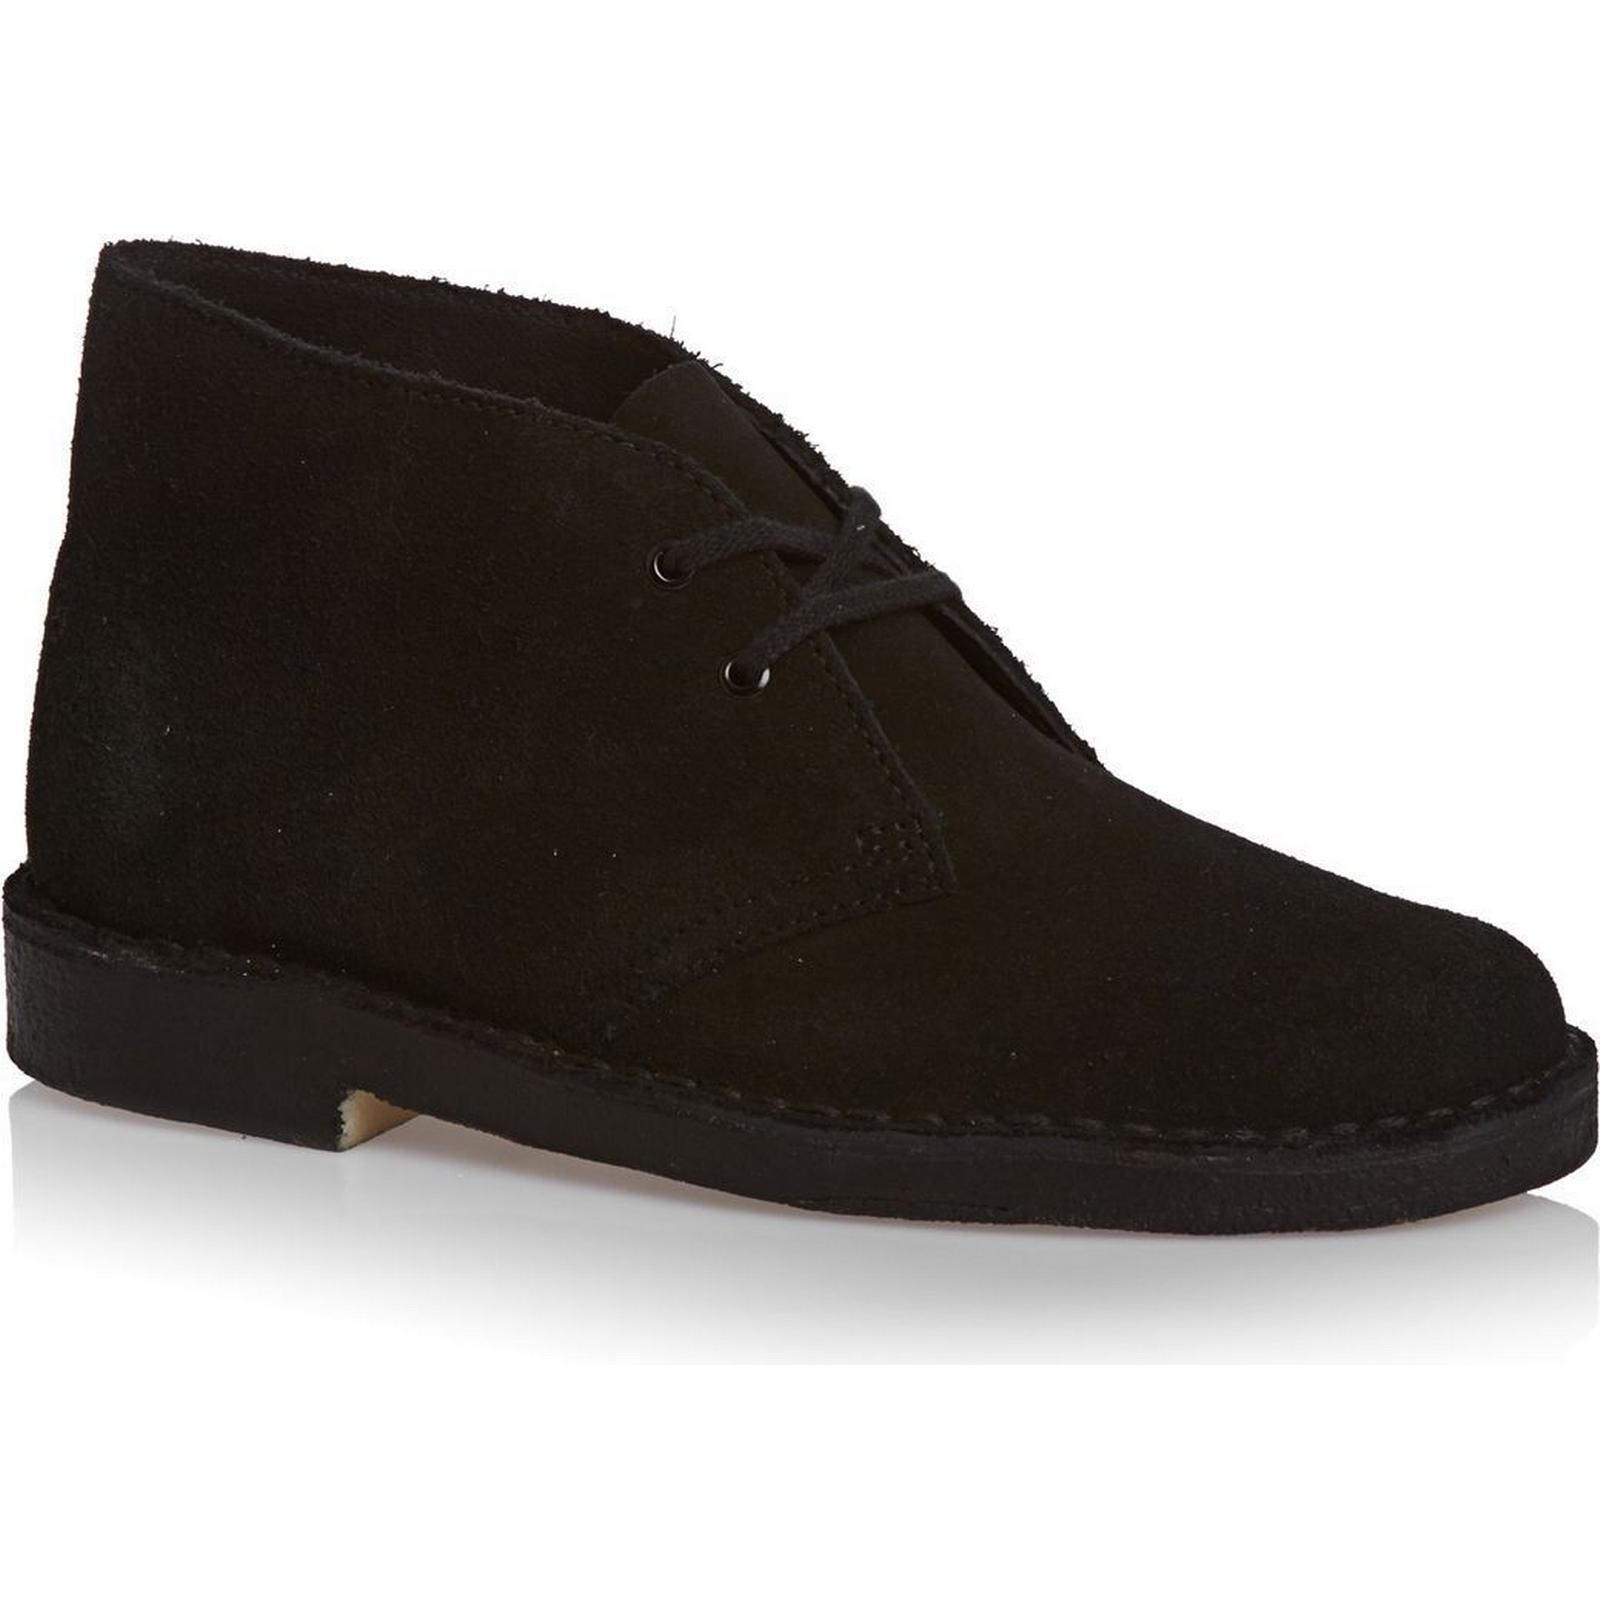 Clarks Originals Women's Clarks Originals Boots - Clarks Black Originals Desert Boots - Black Clarks 0b652d